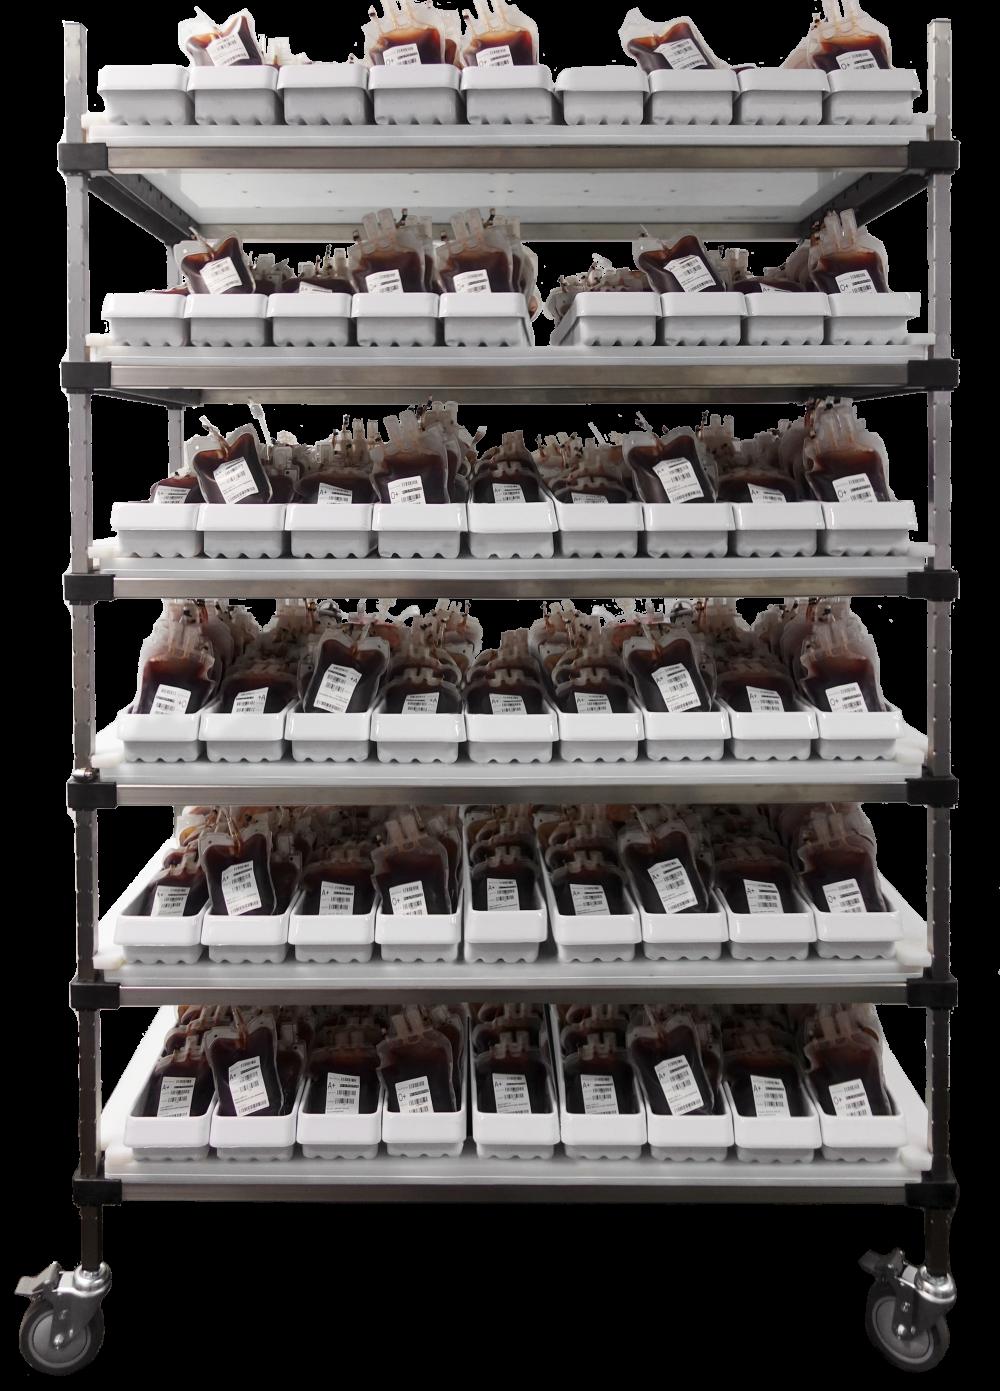 PJM RFID Open Shelves